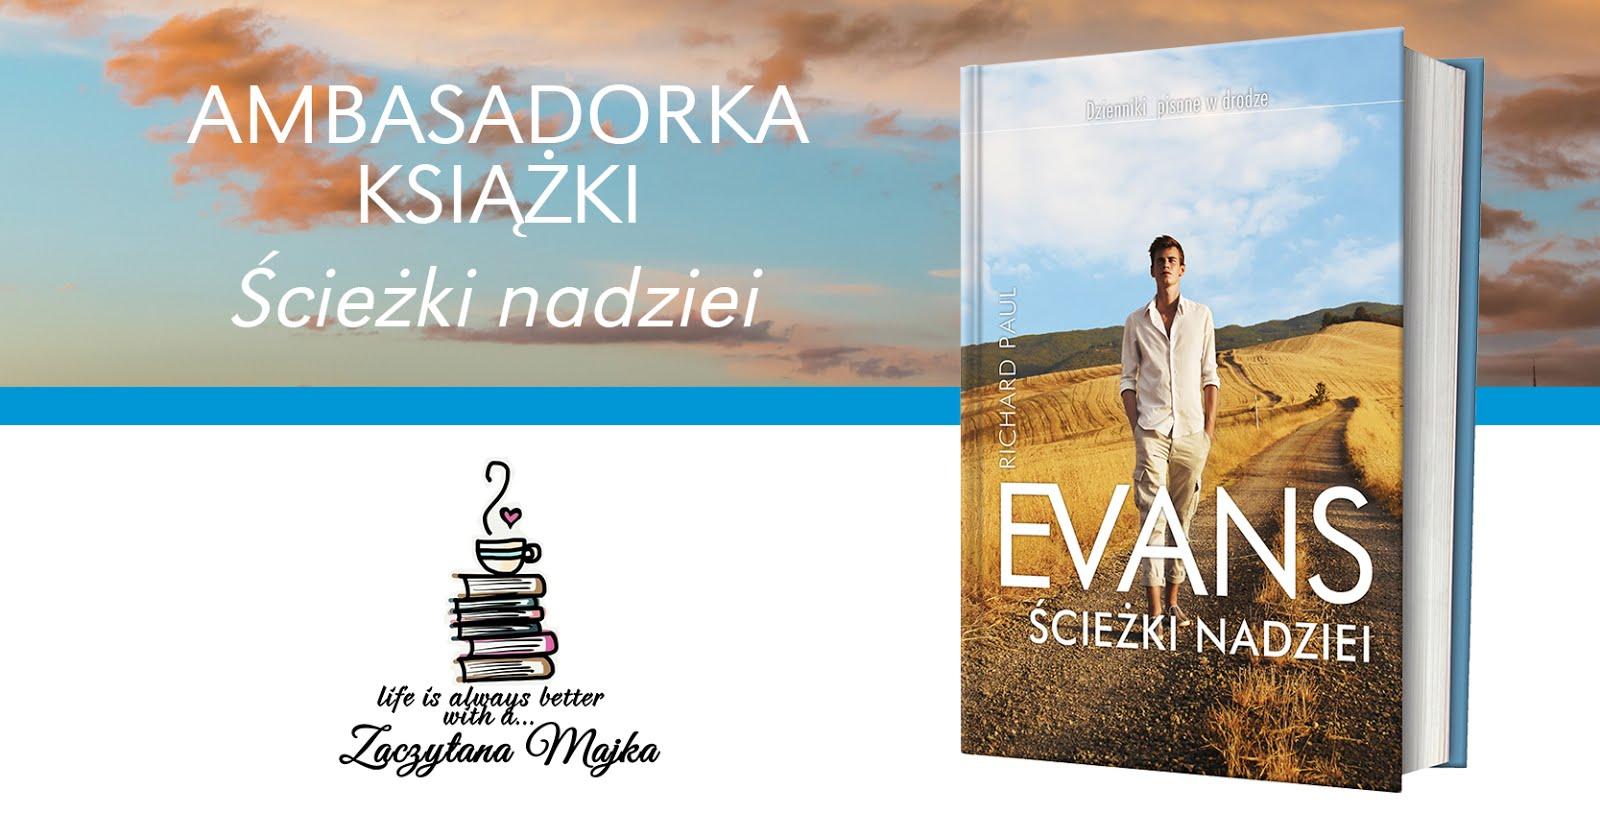 Ambasadorka książki